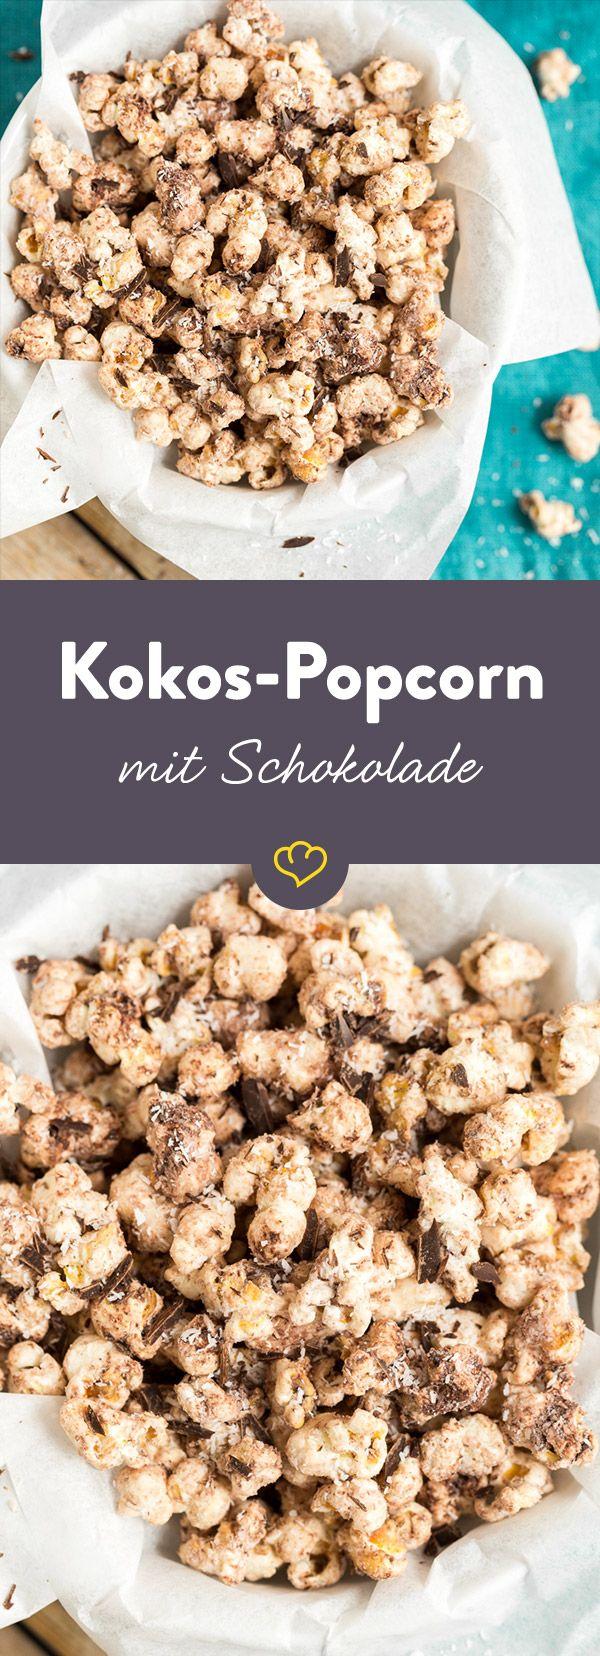 Nussiges Kokosöl, geschmolzene Schokolade und knusprig-warmes Popcorn - kommen diese drei köstlichen Zutaten zusammen, wird der Film zur Nebensache.